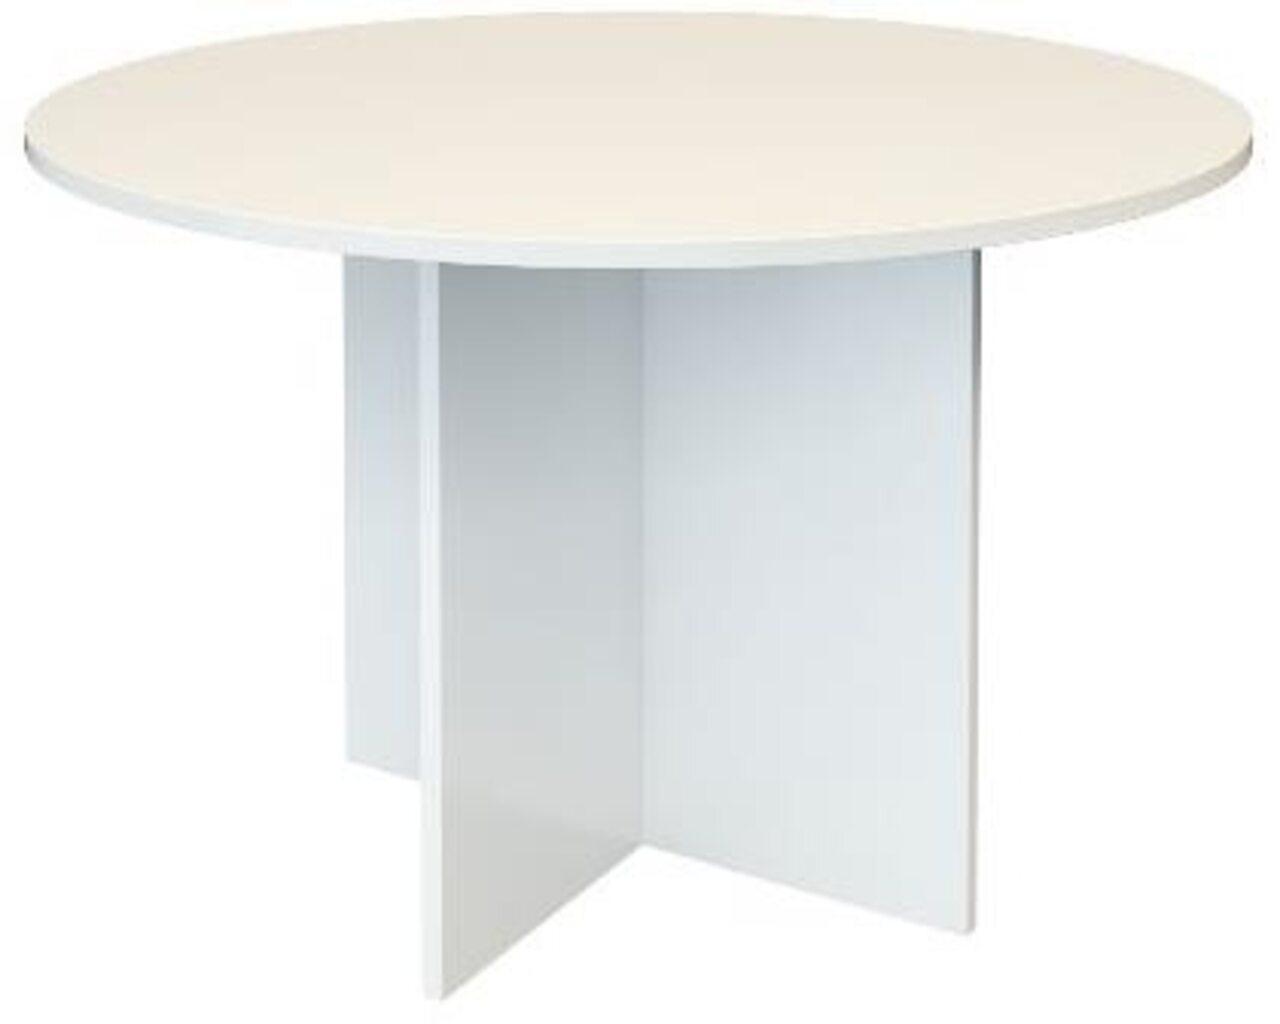 Стол для переговоров Арго 120x120x76 - фото 1